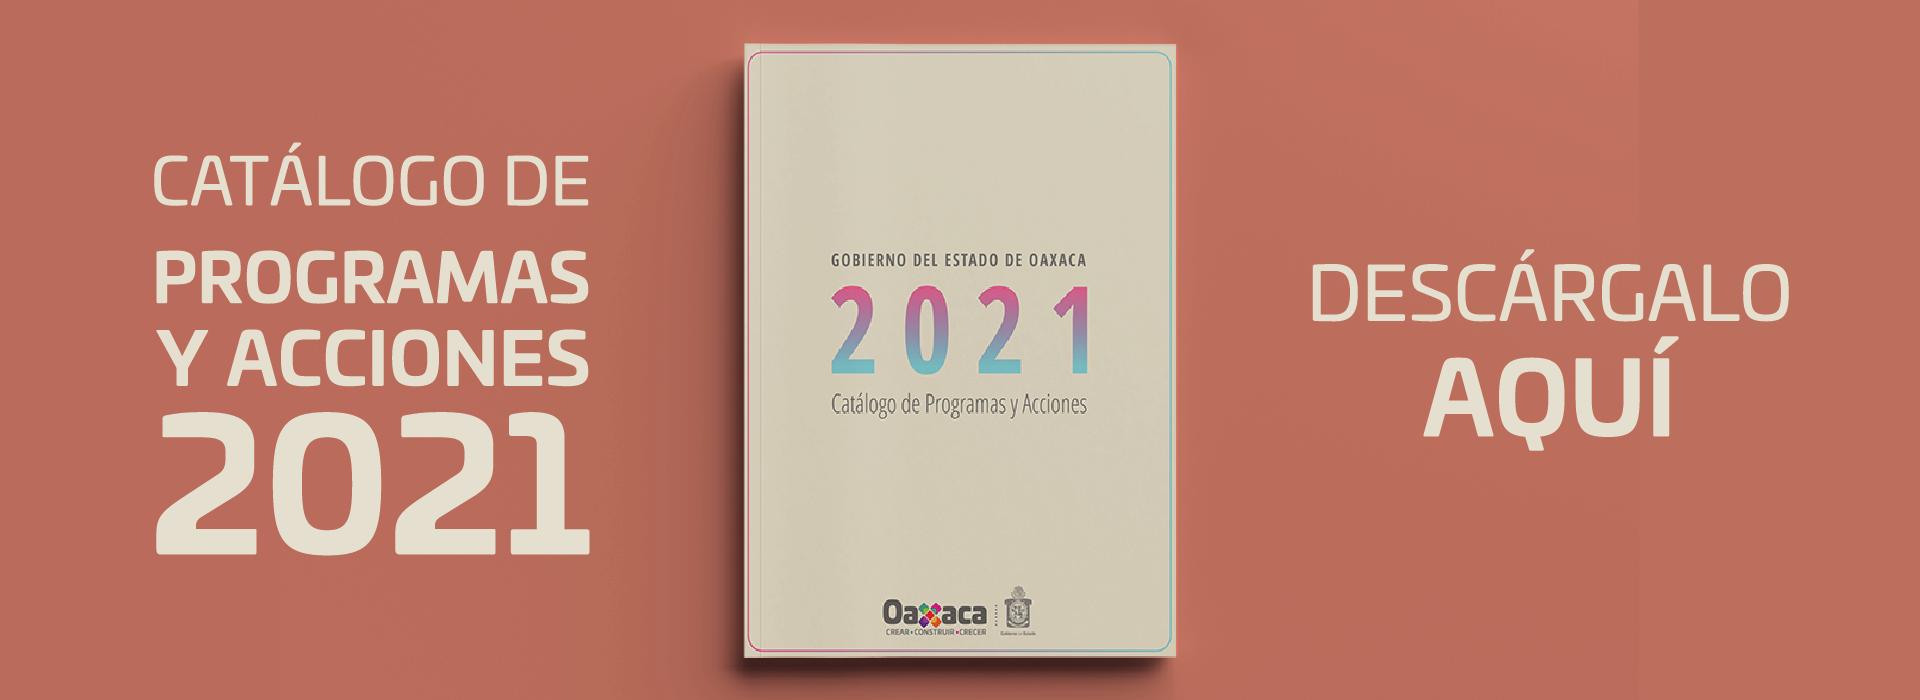 Catálogo de programas y acciones